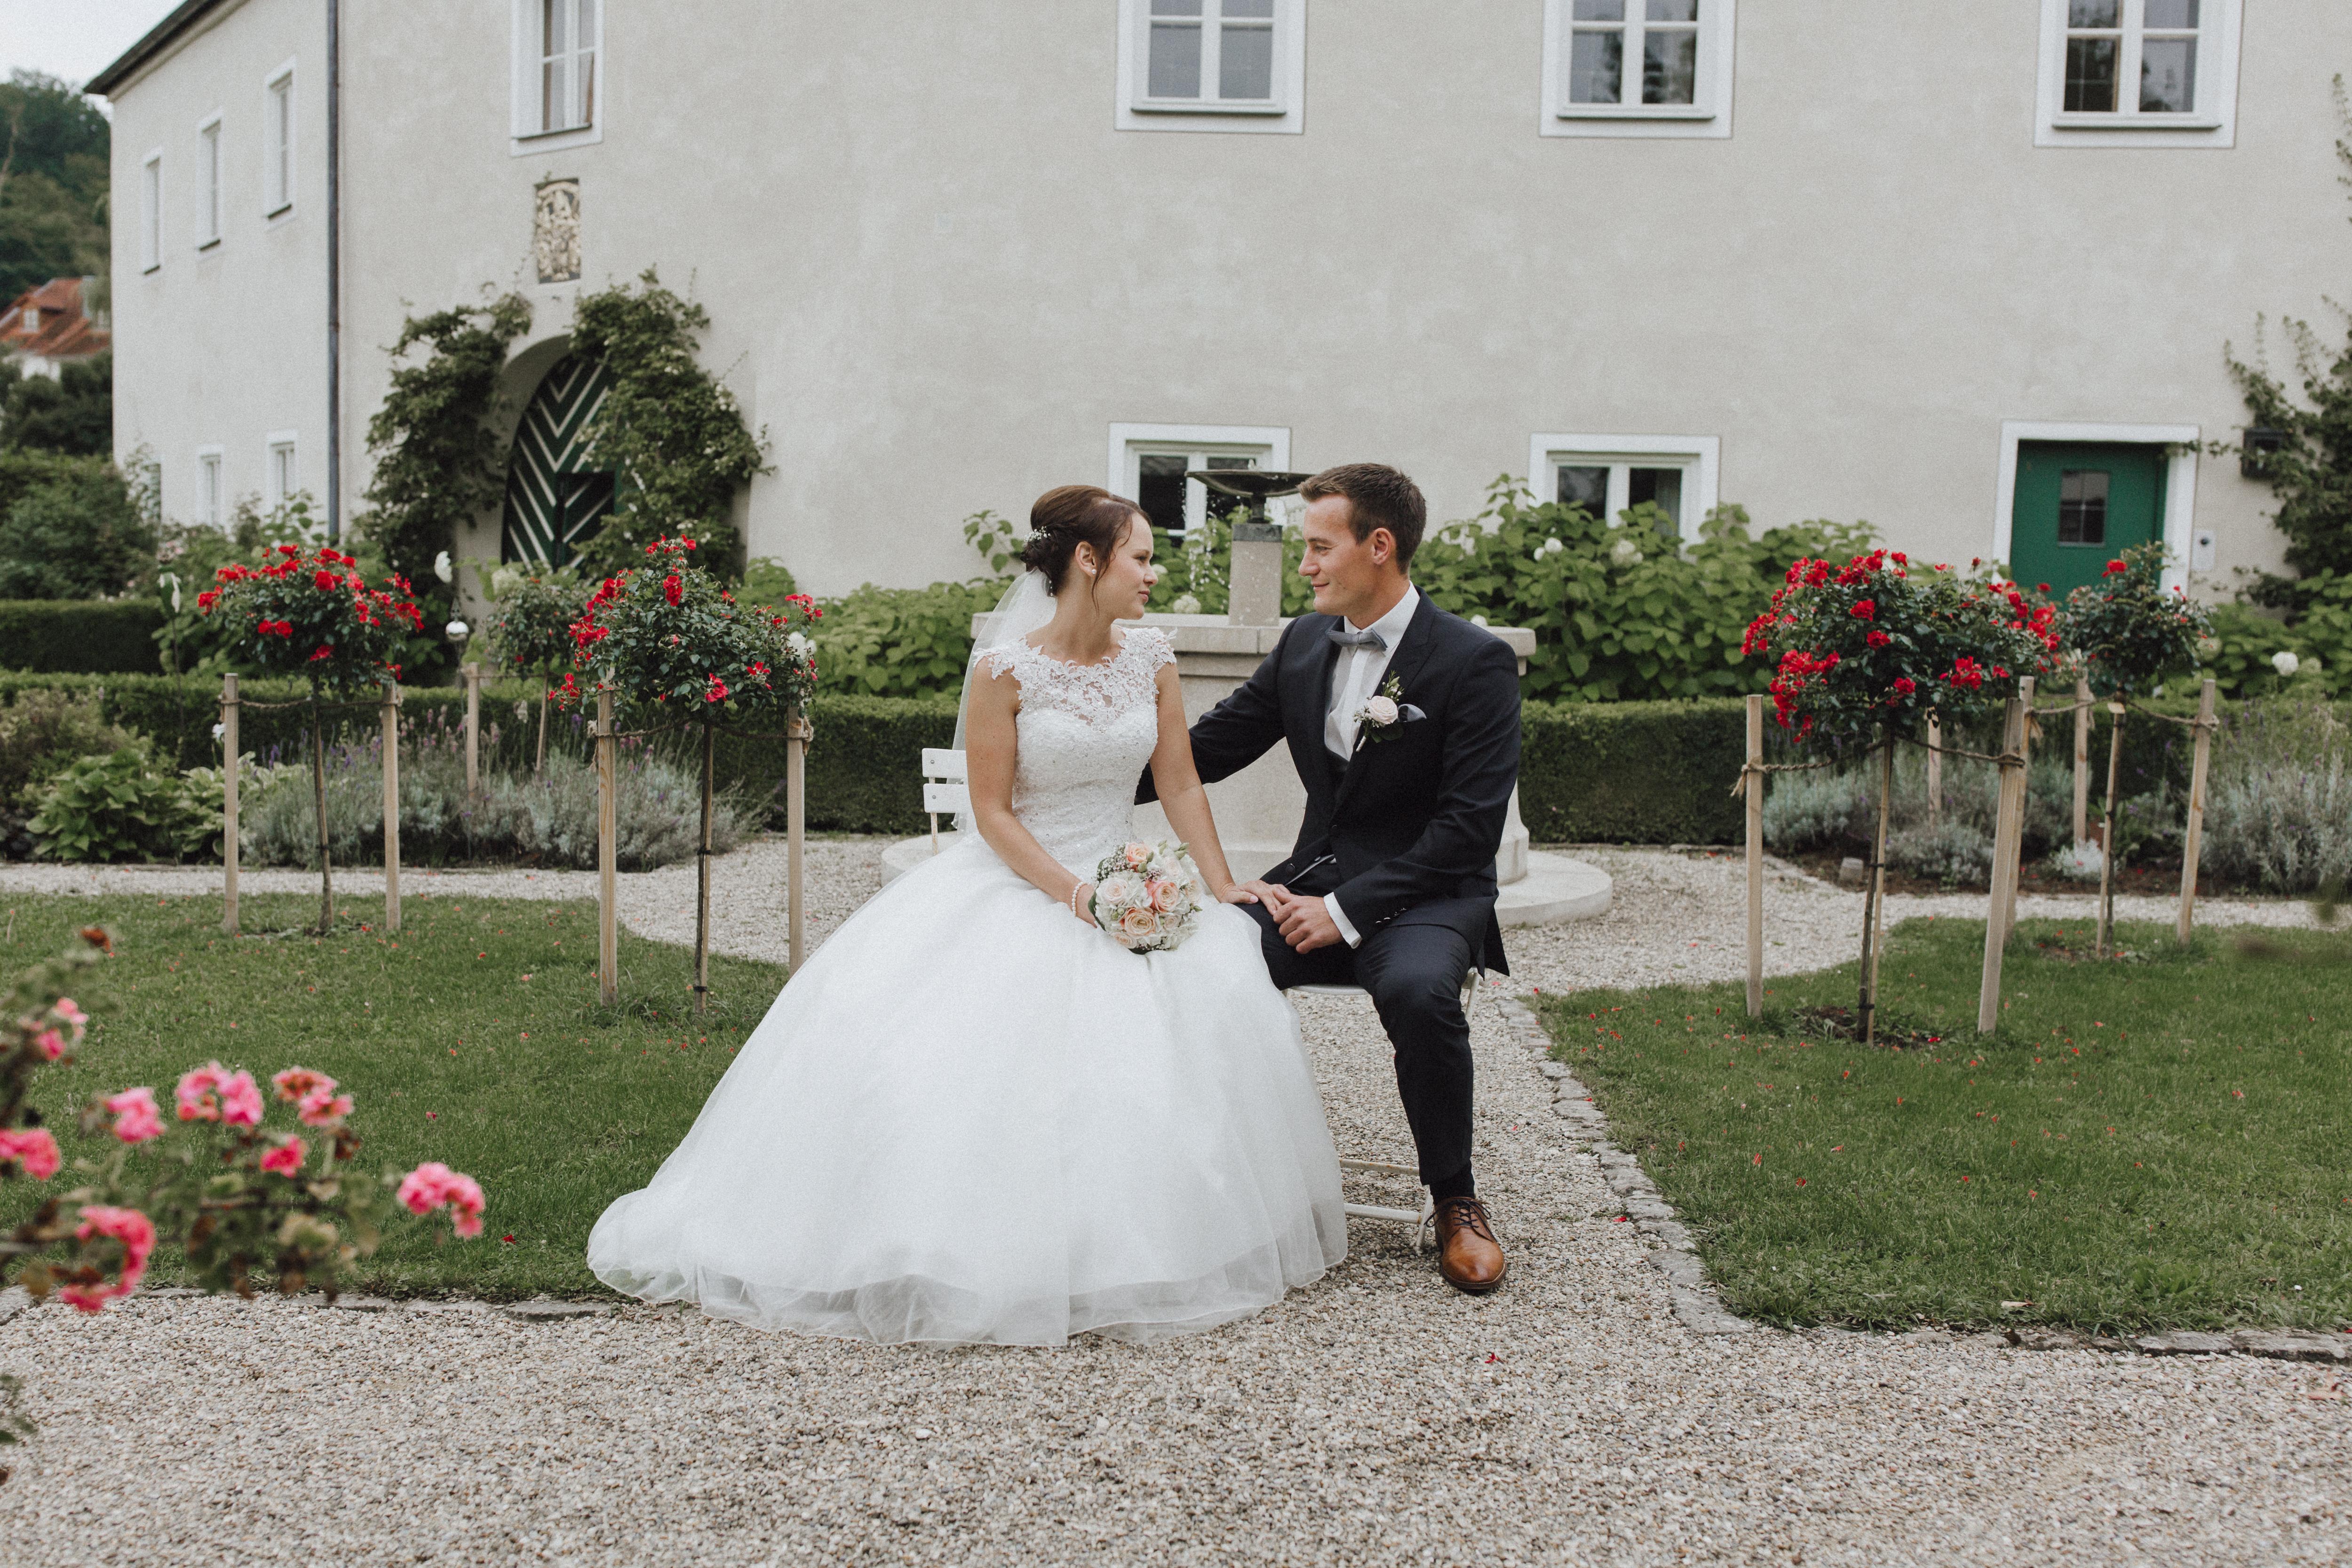 URBANERIE_Daniela_Goth_Hochzeitsfotografin_Nürnberg_Fürth_Erlangen_Schwabach_170909_0034